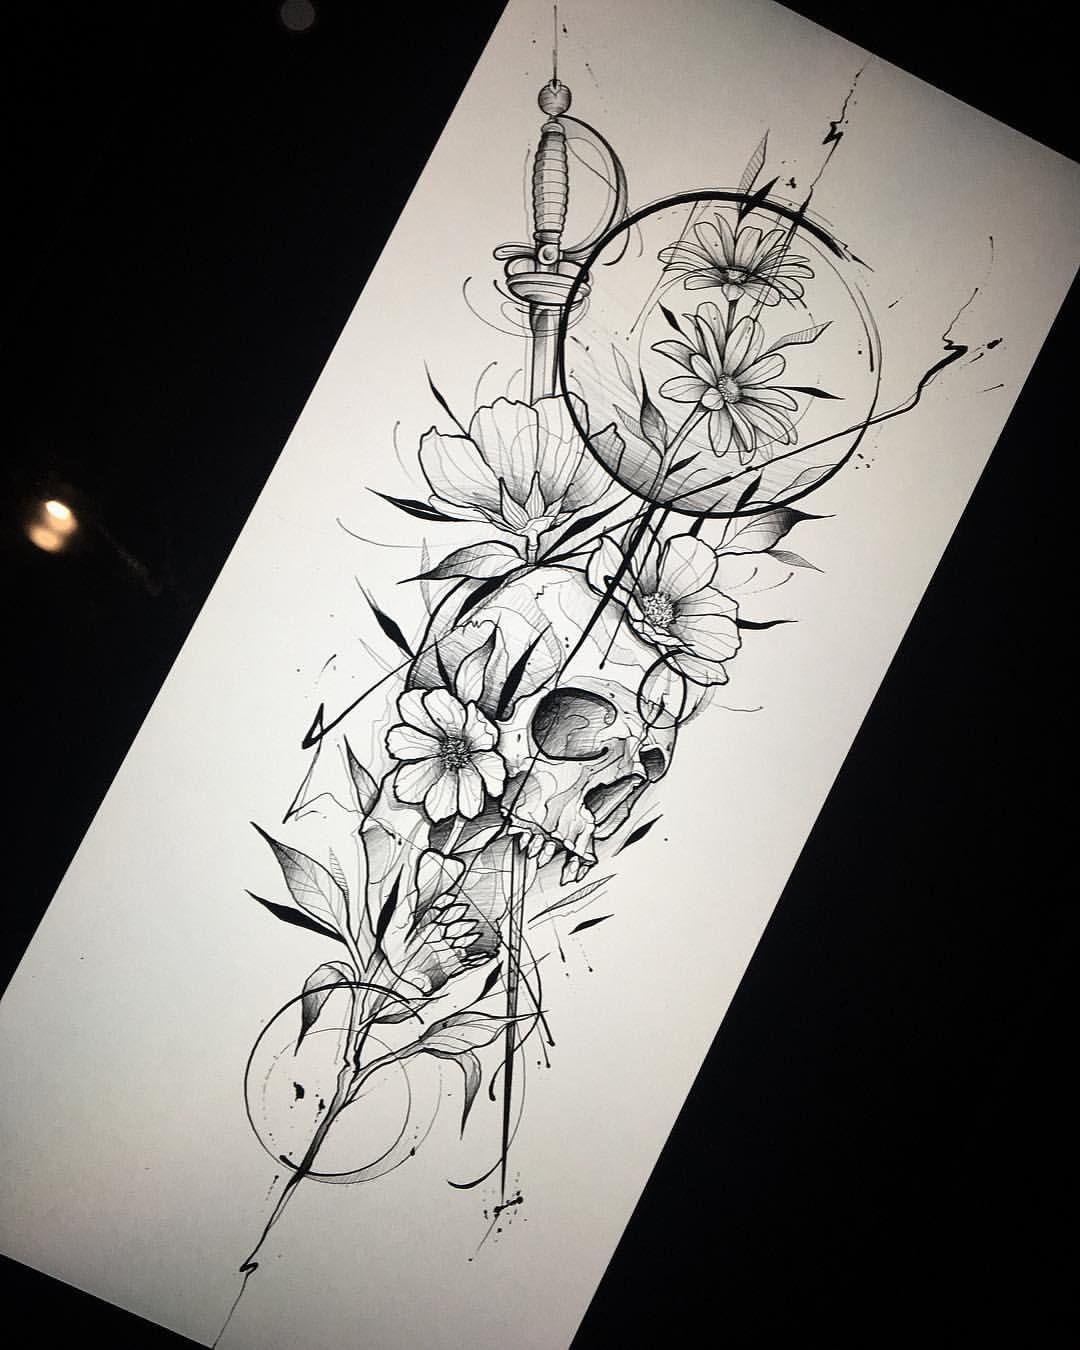 919ca3c65 Pin by ✨bobbie.jaayy✨ on Tattoos | Tattoos, Girlfriend tattoos, New tattoos